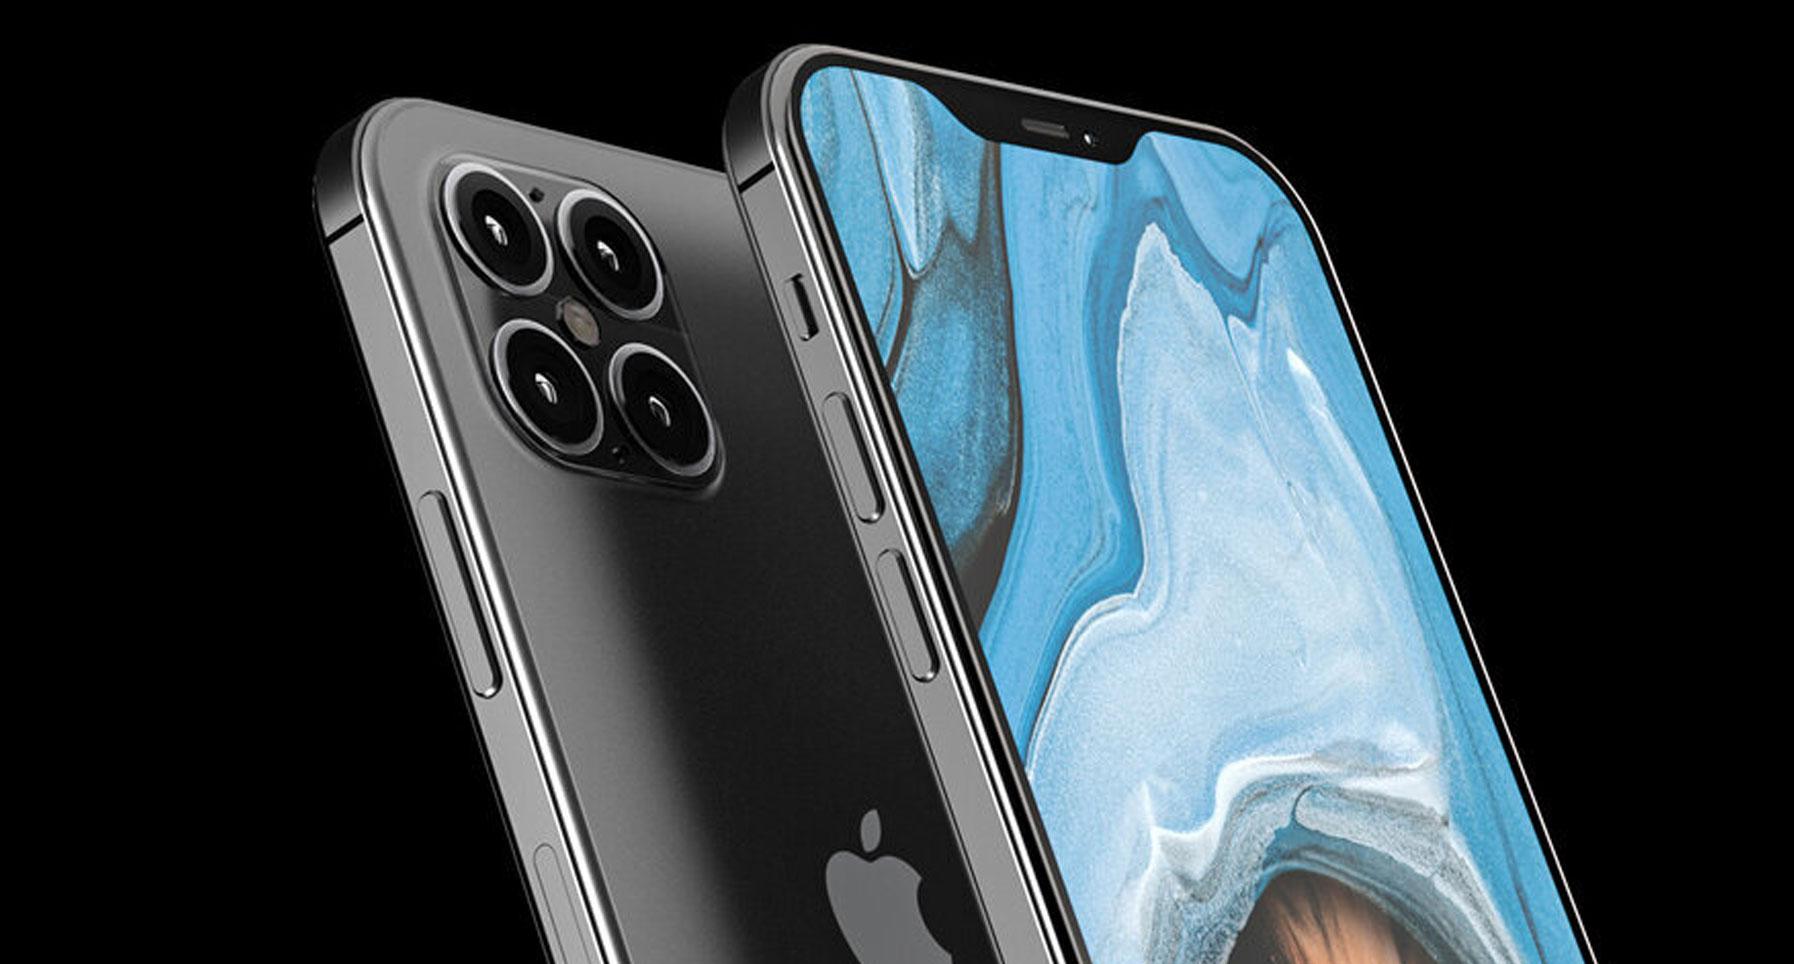 تصميم هاتف اي فون 12 المفترض وسيصدر في 2020 (فون ارينا)